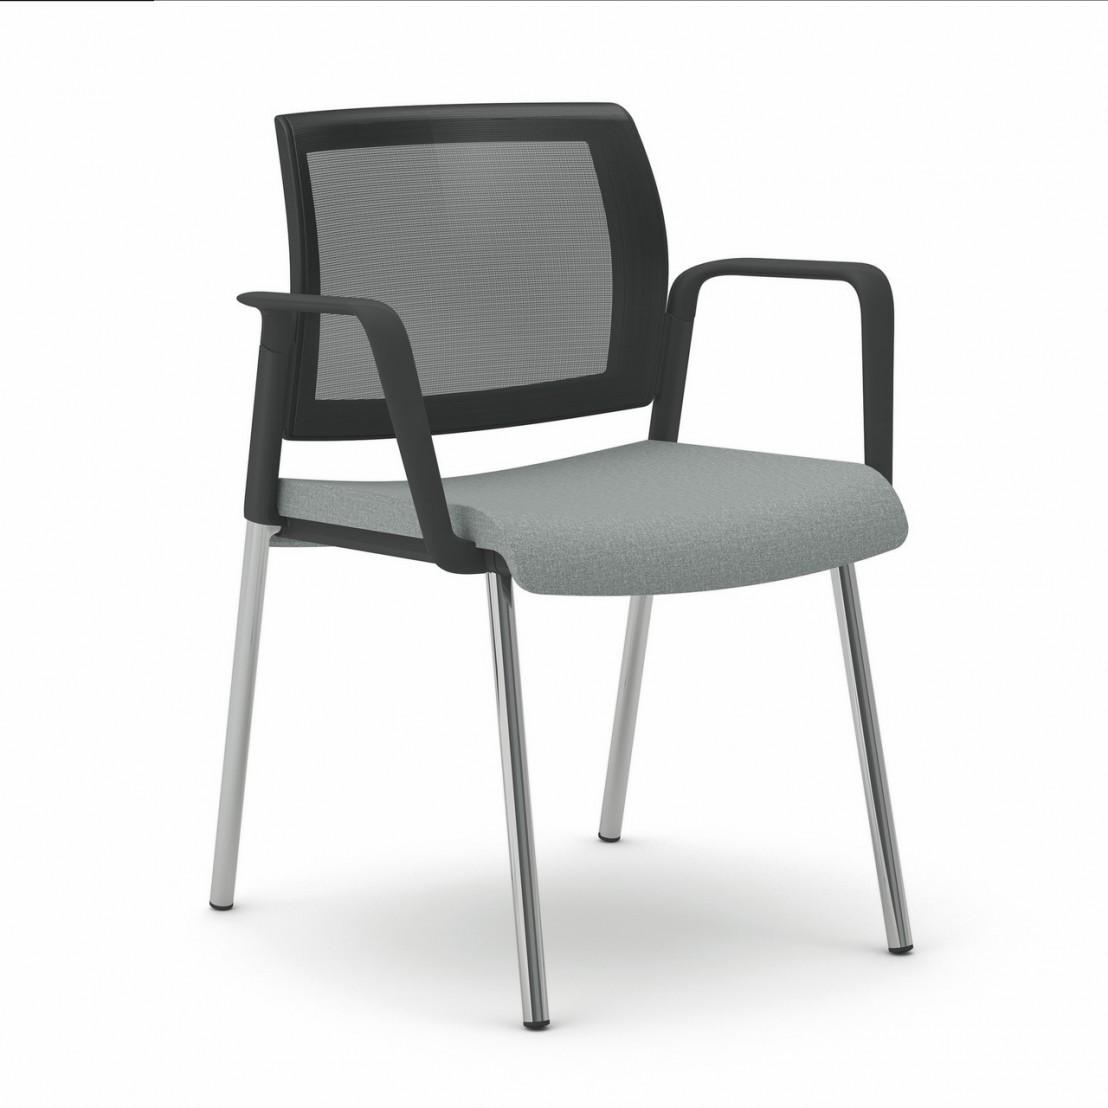 office 555 chaise de bureau avec accoudoirs dossier maille seanroyale. Black Bedroom Furniture Sets. Home Design Ideas